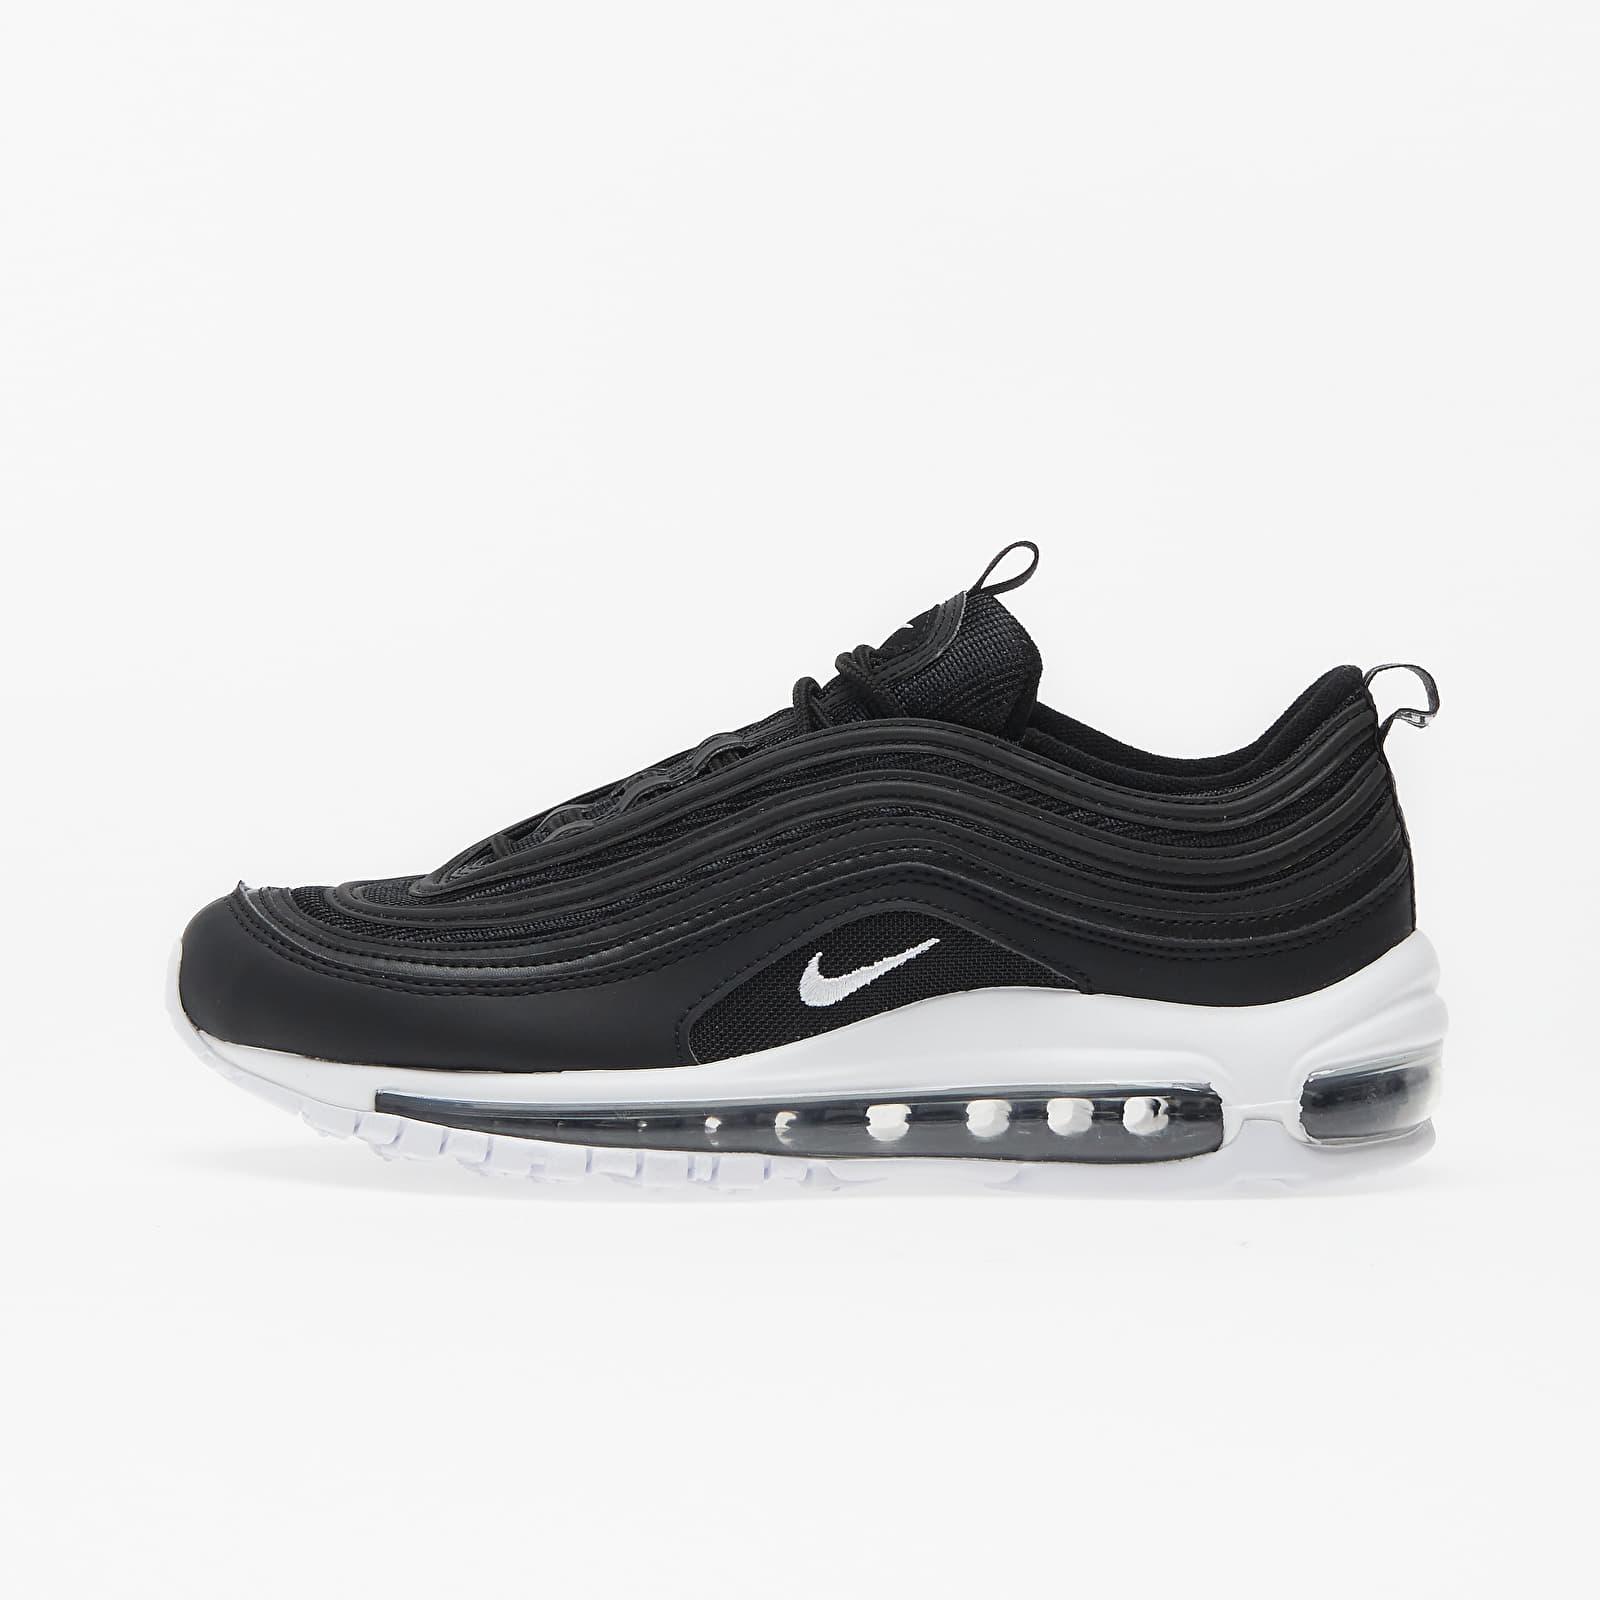 Γυναικεία παπούτσια Nike Air Max 97 (GS) Black/ White